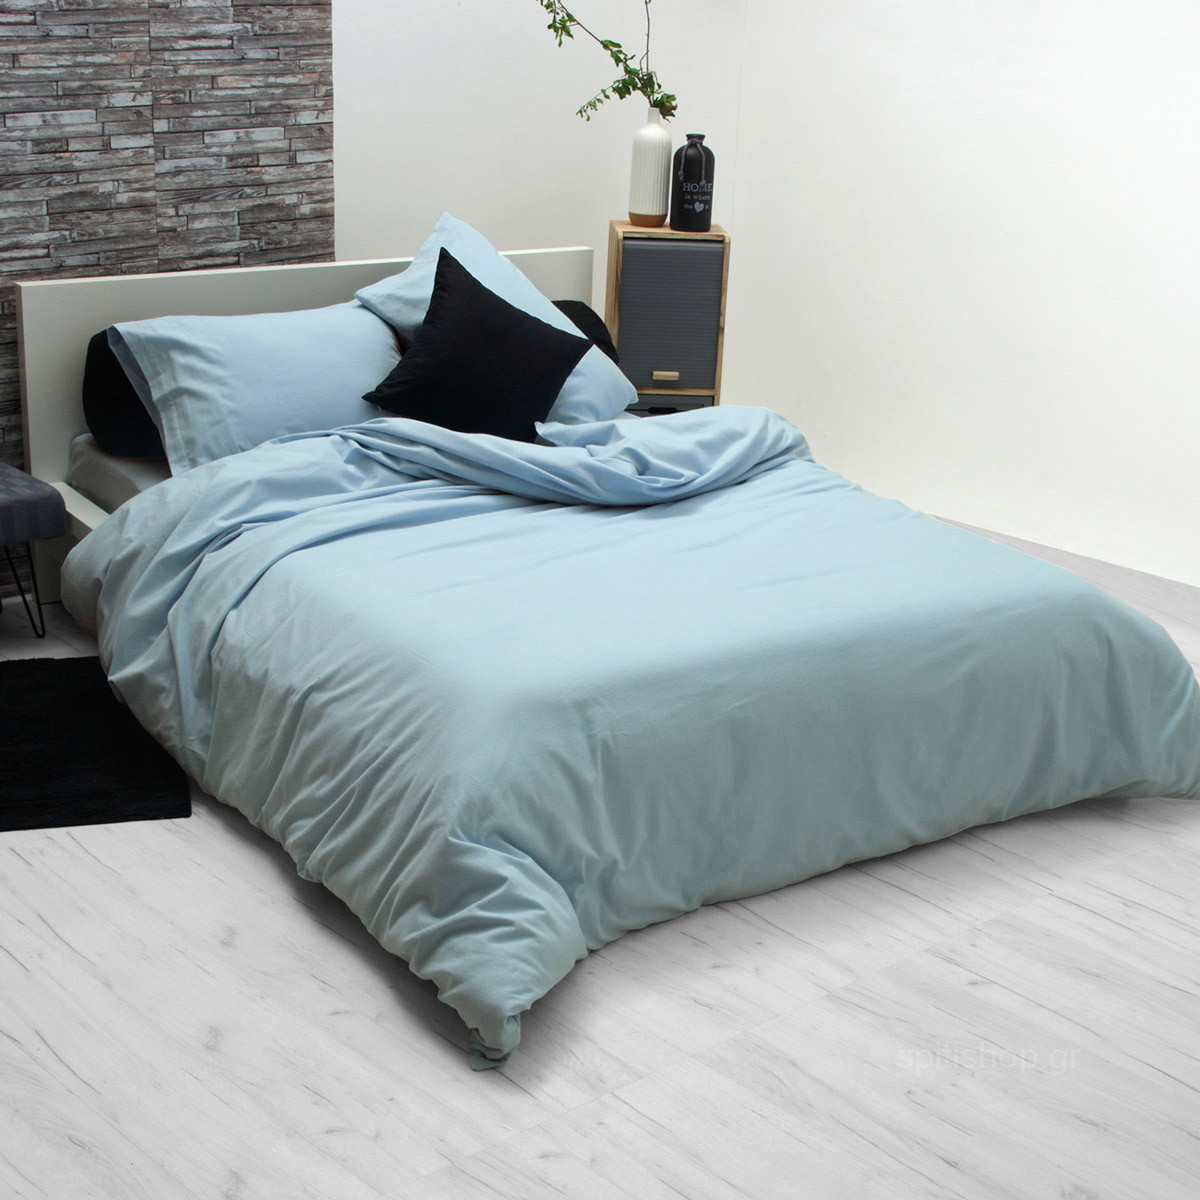 Ζεύγος Φανελένιες Μαξιλαροθήκες Sb Home Flannel Blue